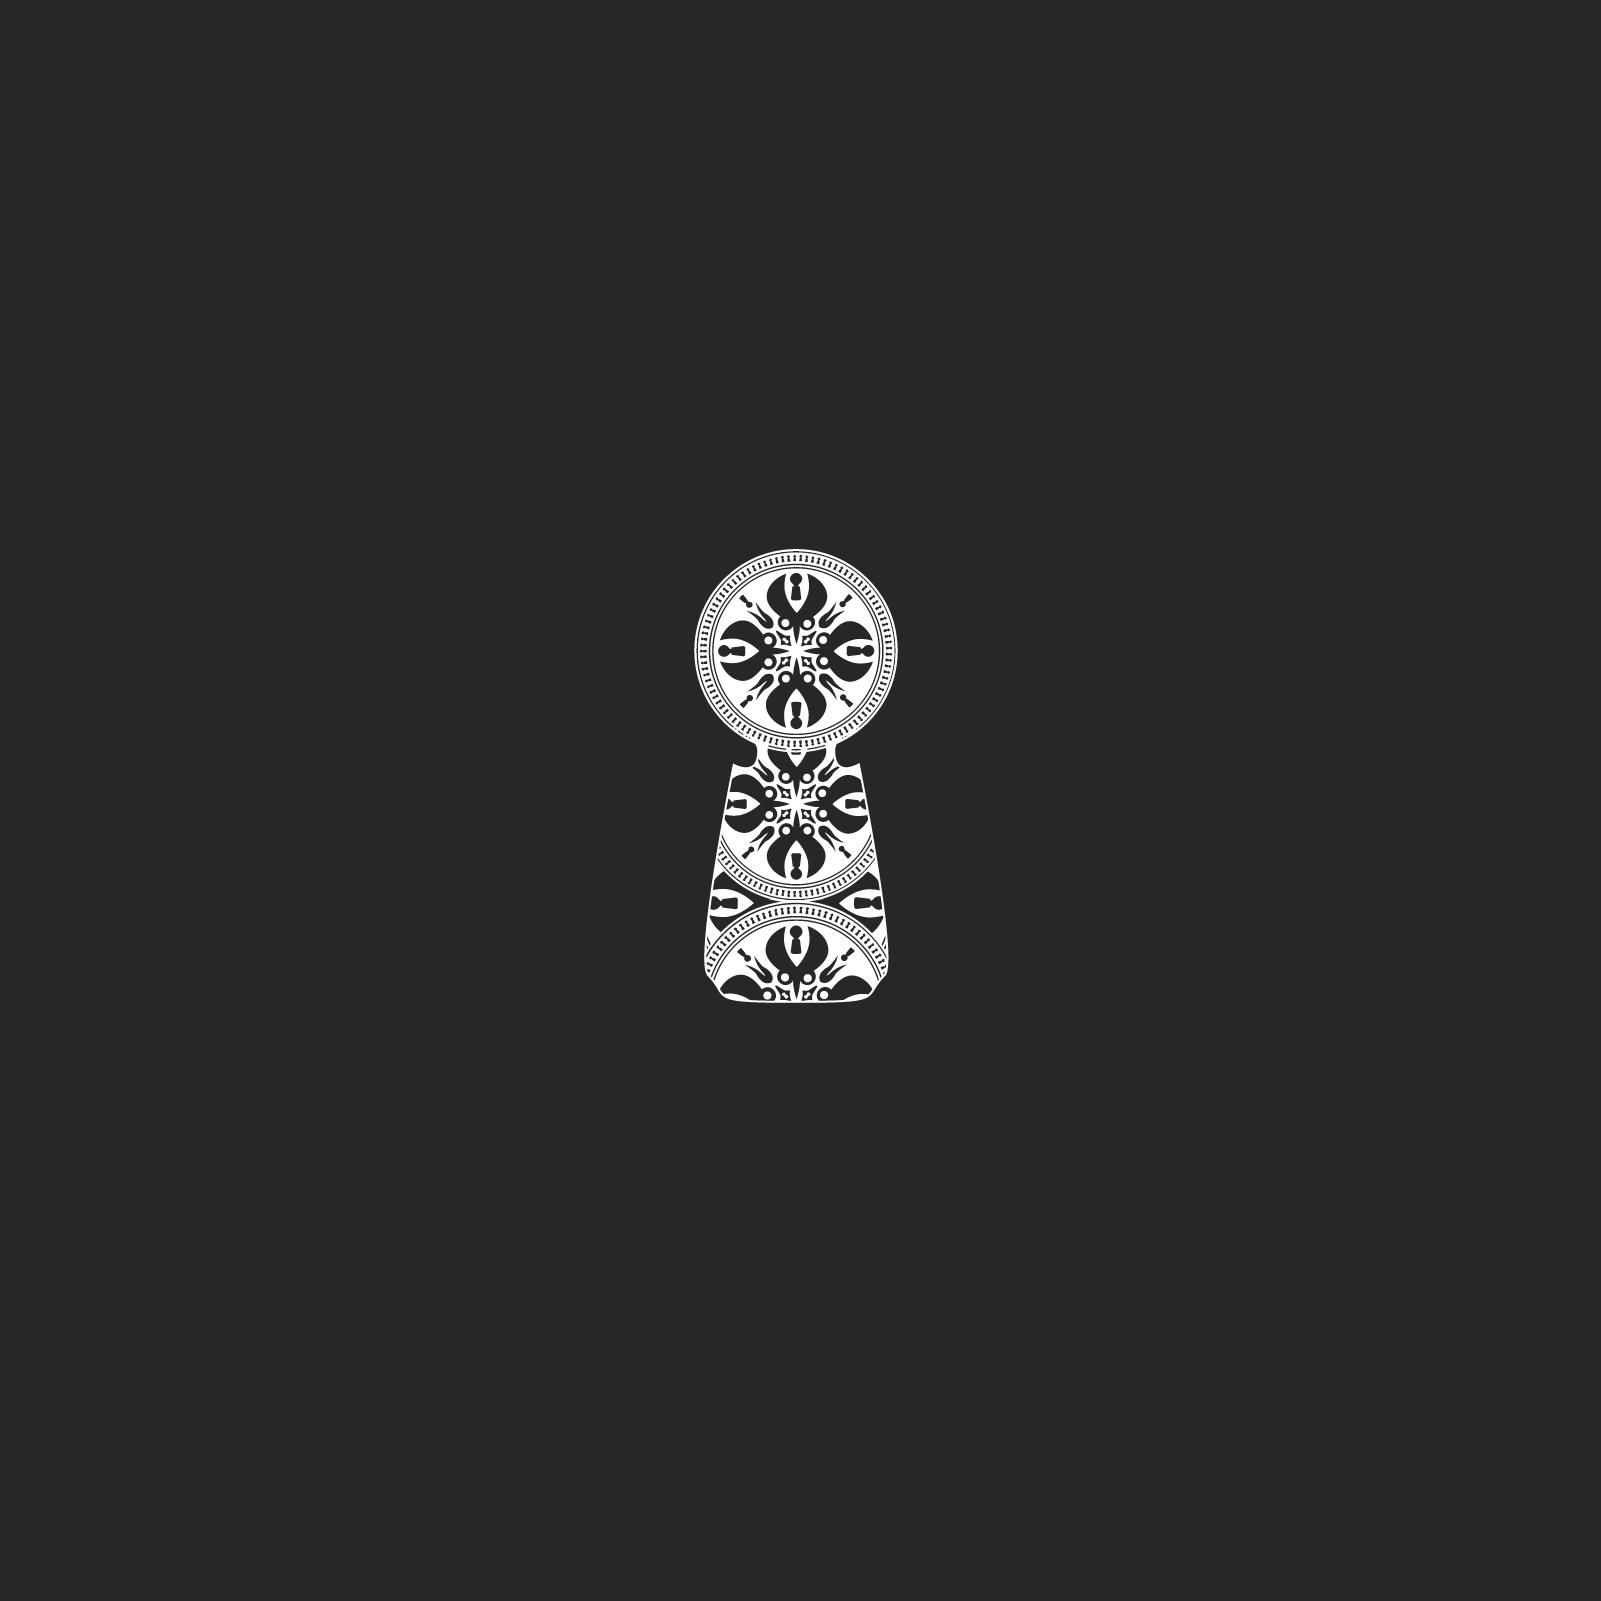 LOGOTYPE-IDENTITE-VISUELLE-ANTOINE-PELTIER-DESIGNER-10